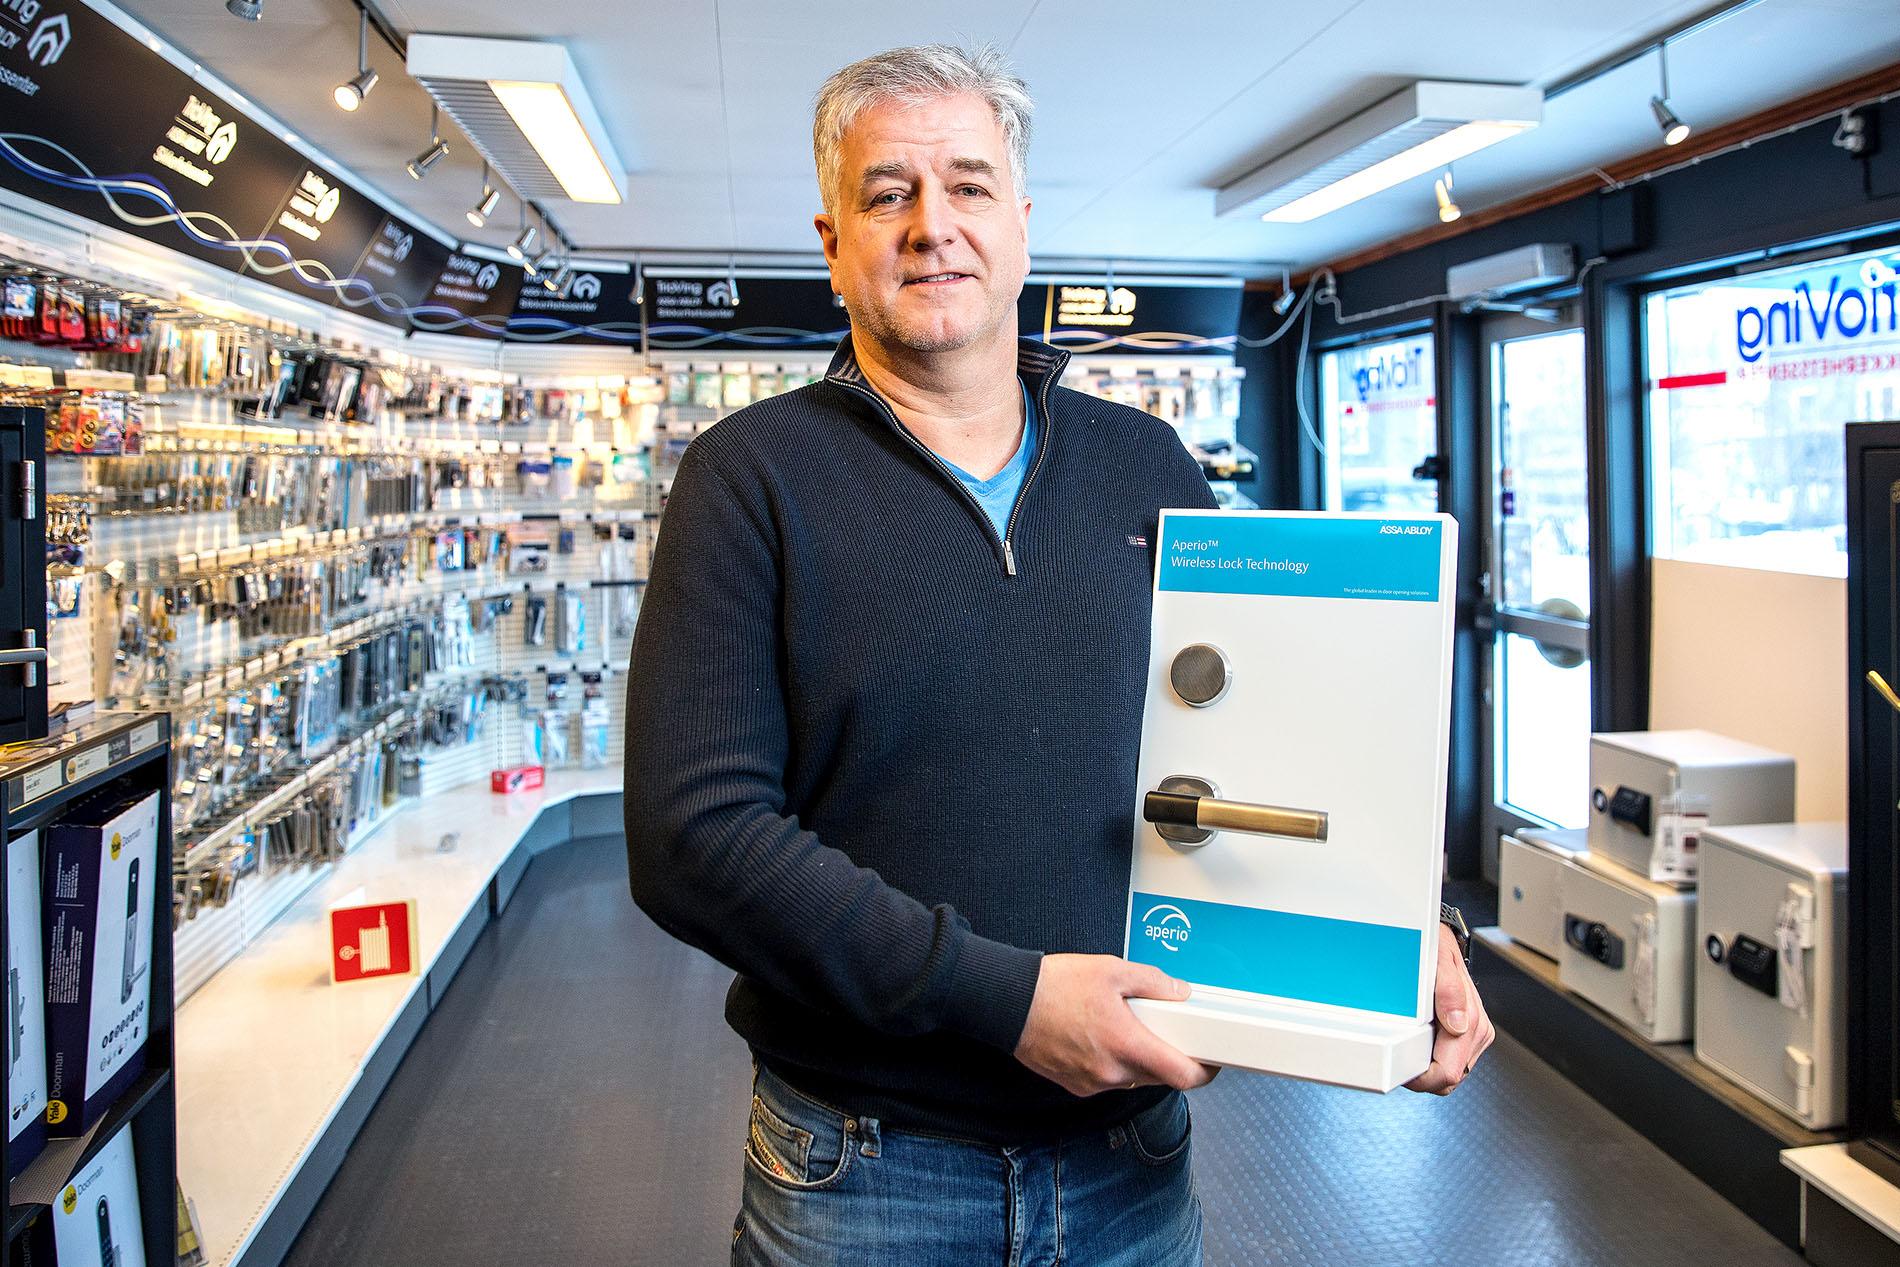 Nye Vesterålen Lås og Sikkerhet blir å utføre service og vedlikehold på alle anlegg vi har levert i regionen opp igjennom årene, informerer Frode Bratsberg hos Hålogaland Lås og Sikkerhet.